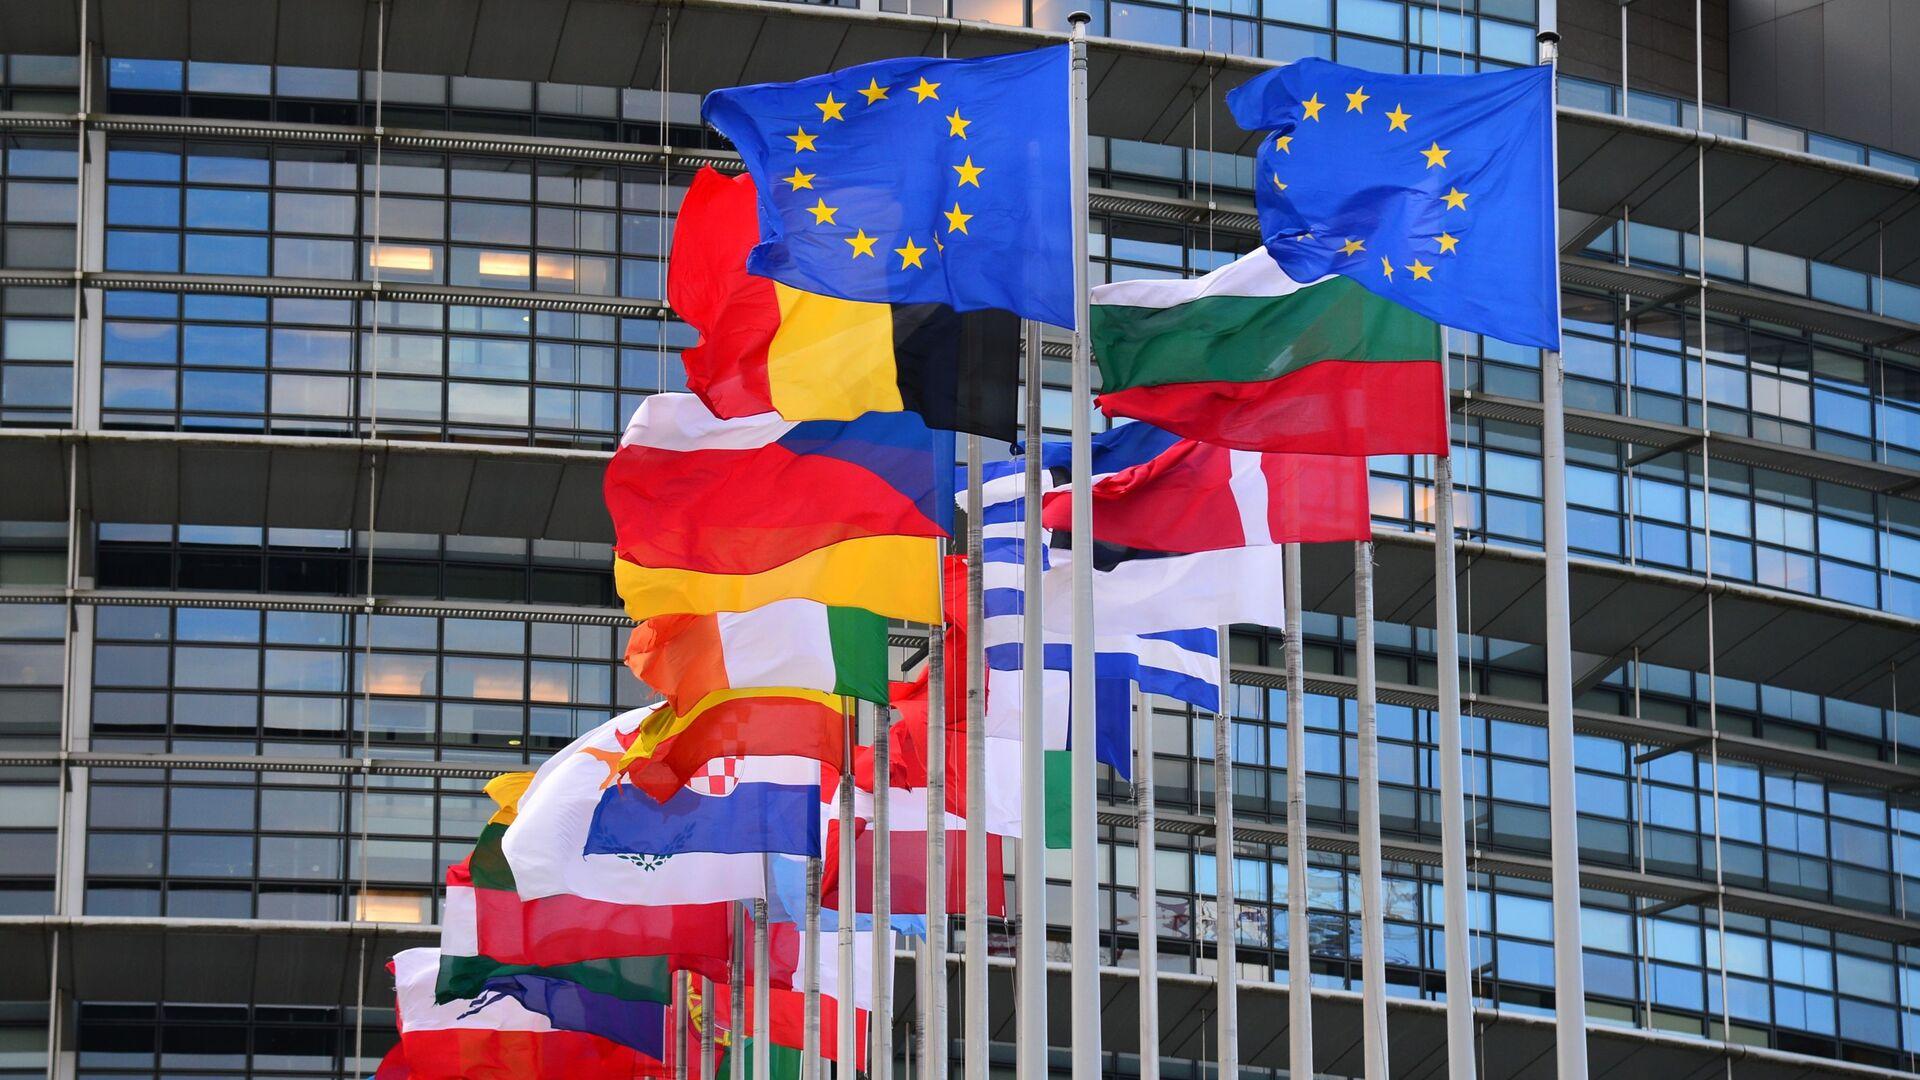 L'Europa si divide sull'ora legale: ecco perché l'Italia non vuole abolirla - Sputnik Italia, 1920, 26.03.2021